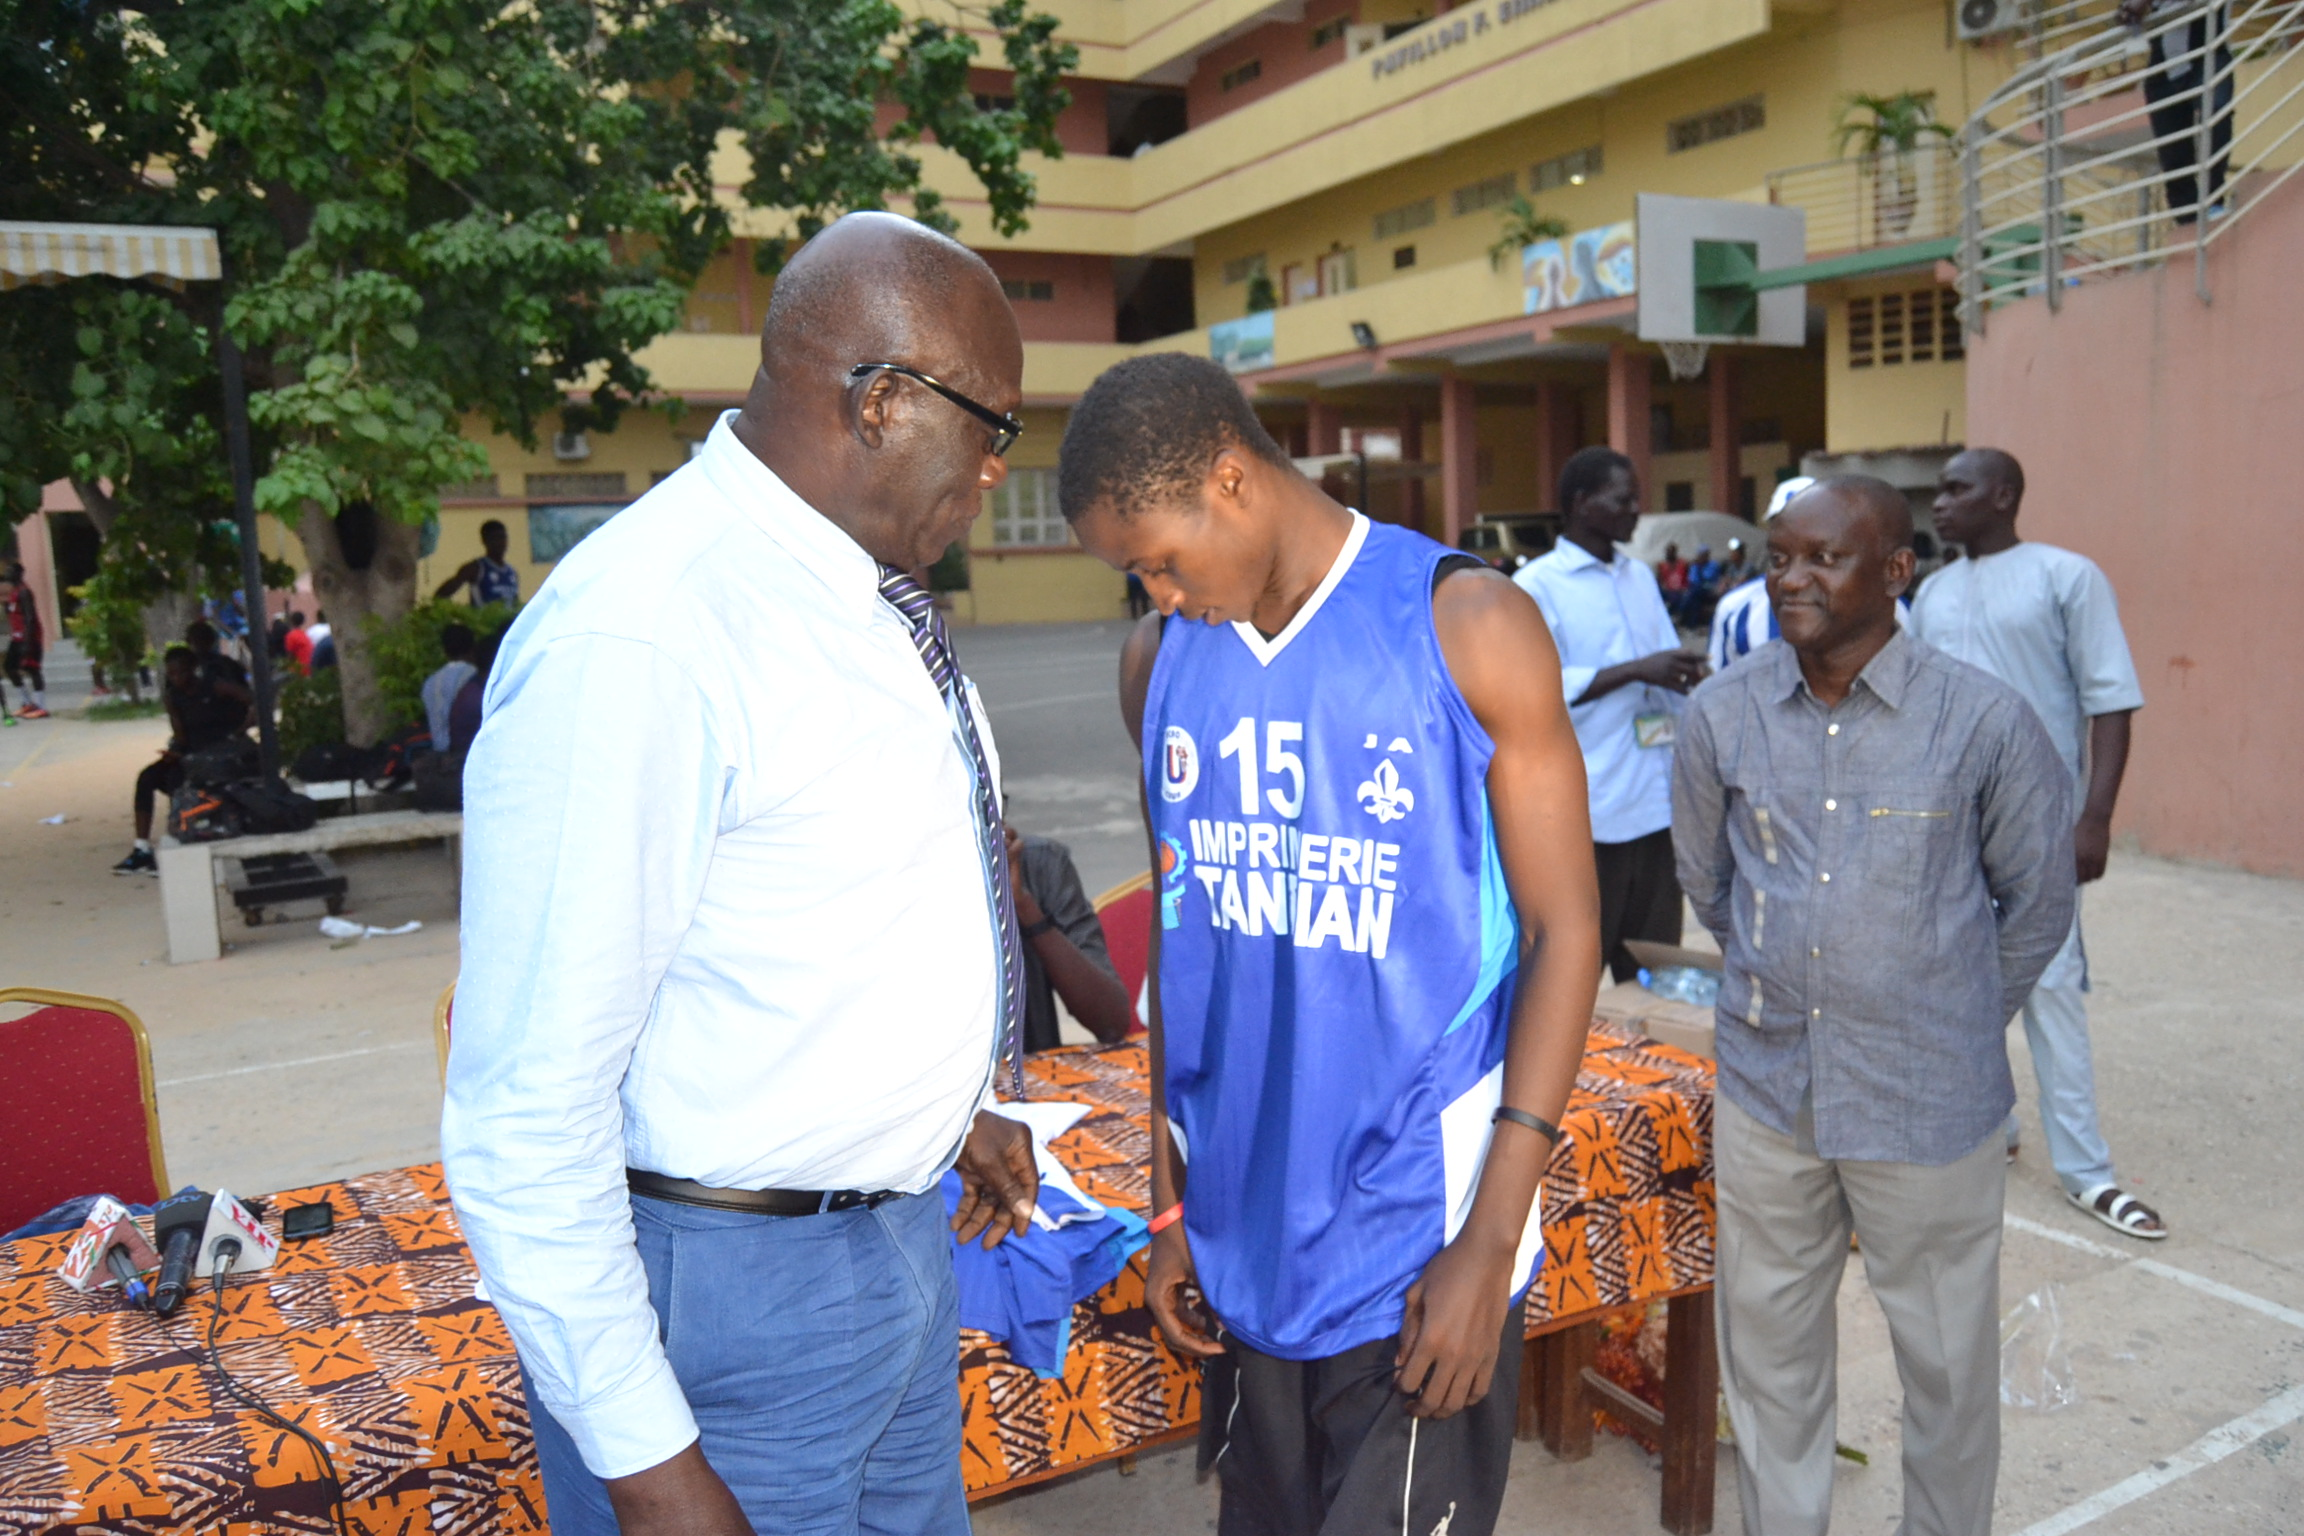 Don d'équipements sportifs, Baba Tandian apporte son soutien au J A.